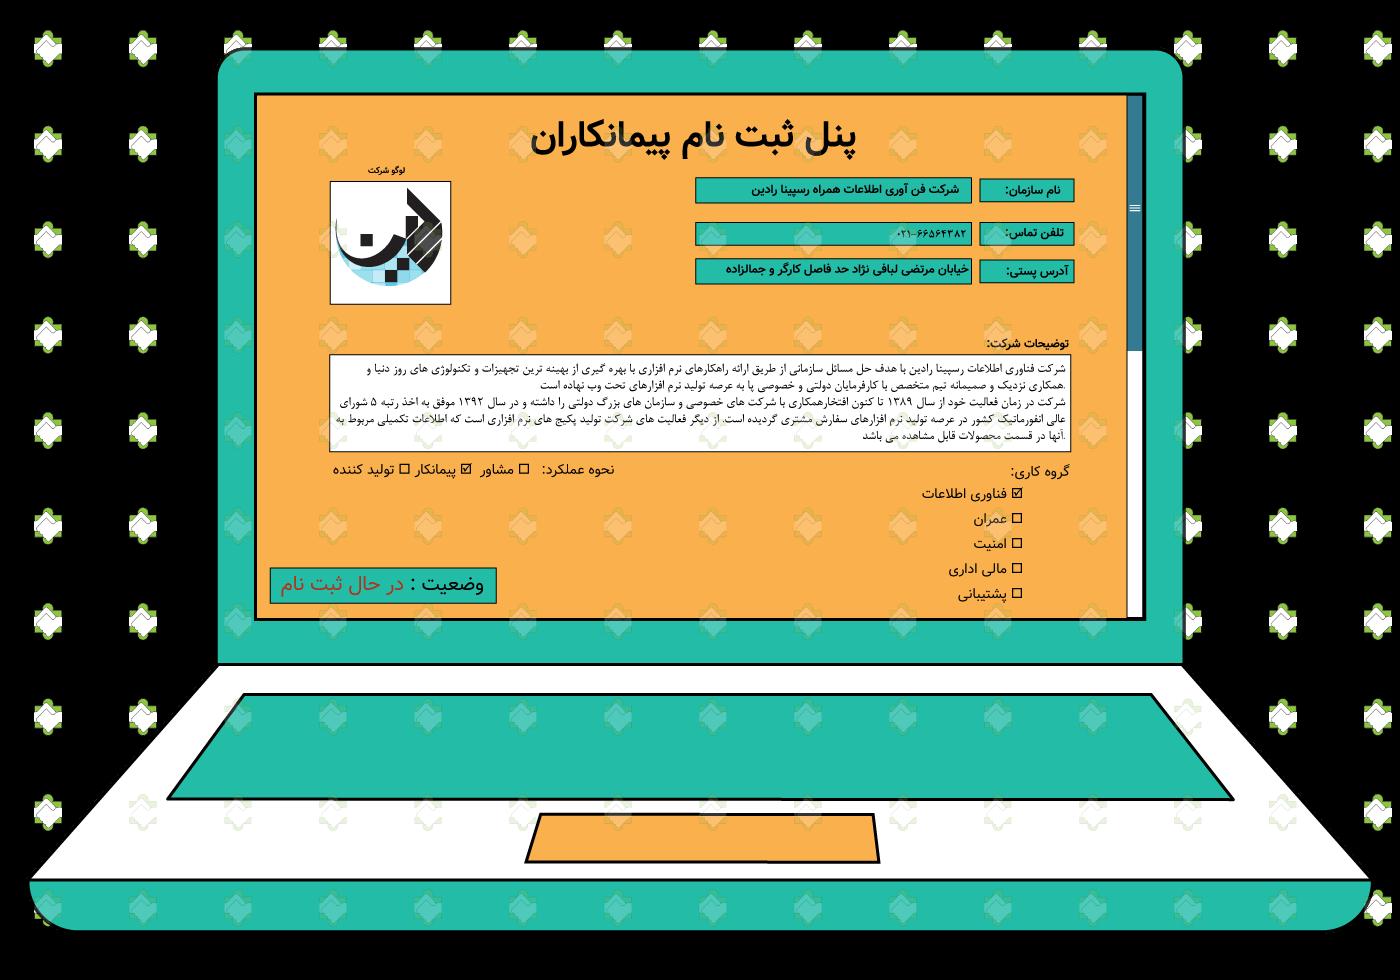 صفحه ثبت نام پیمانکاران